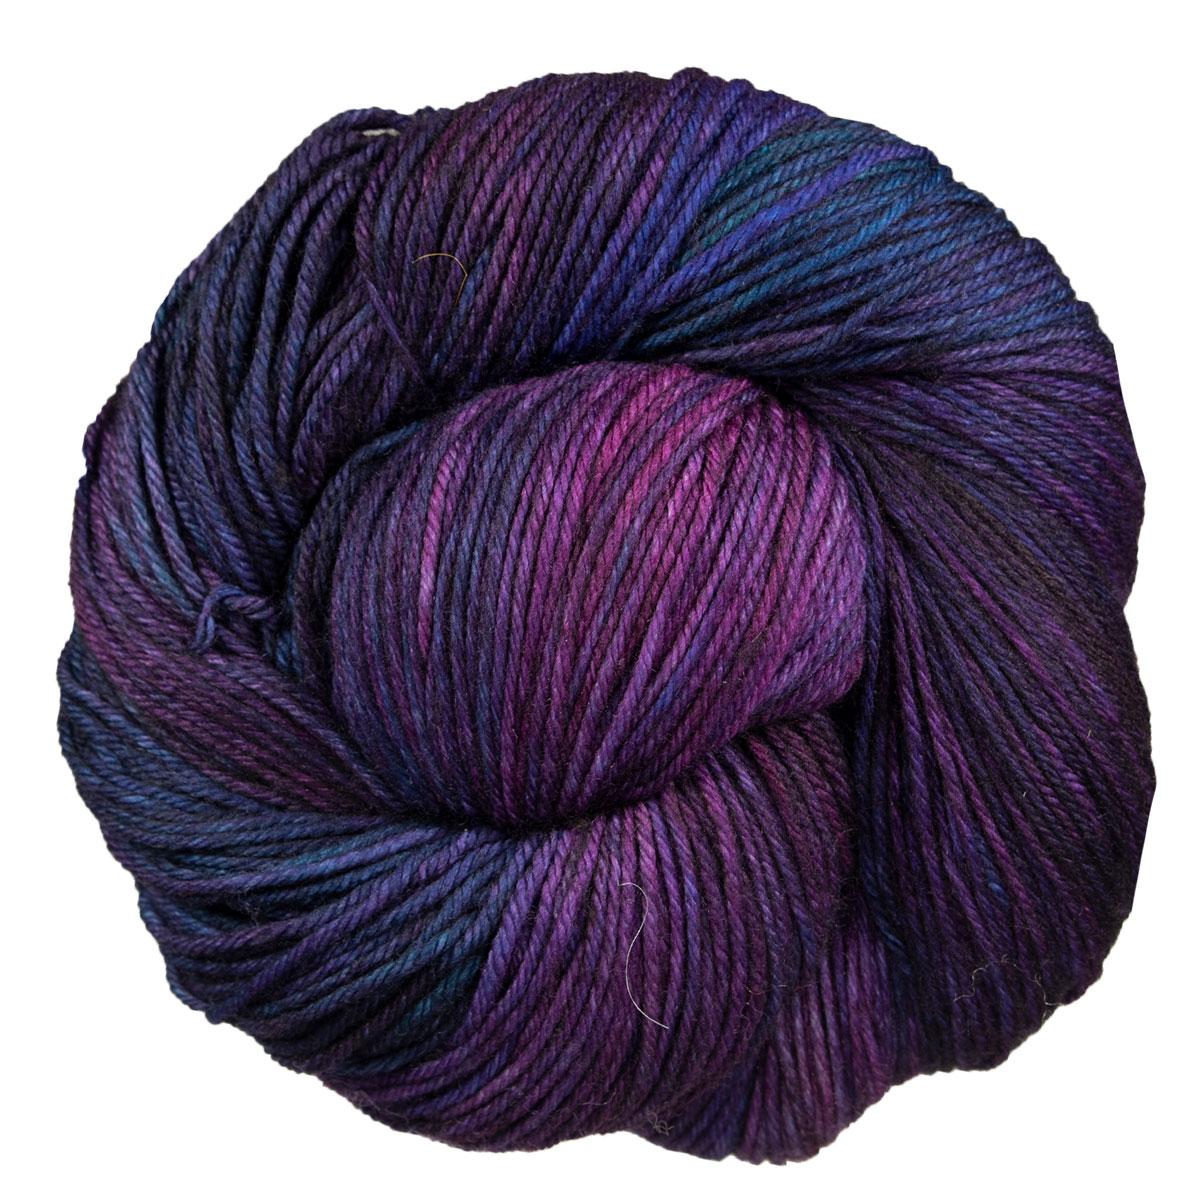 Whales Road Malabrigo Kettle Dyed Sock Yarn